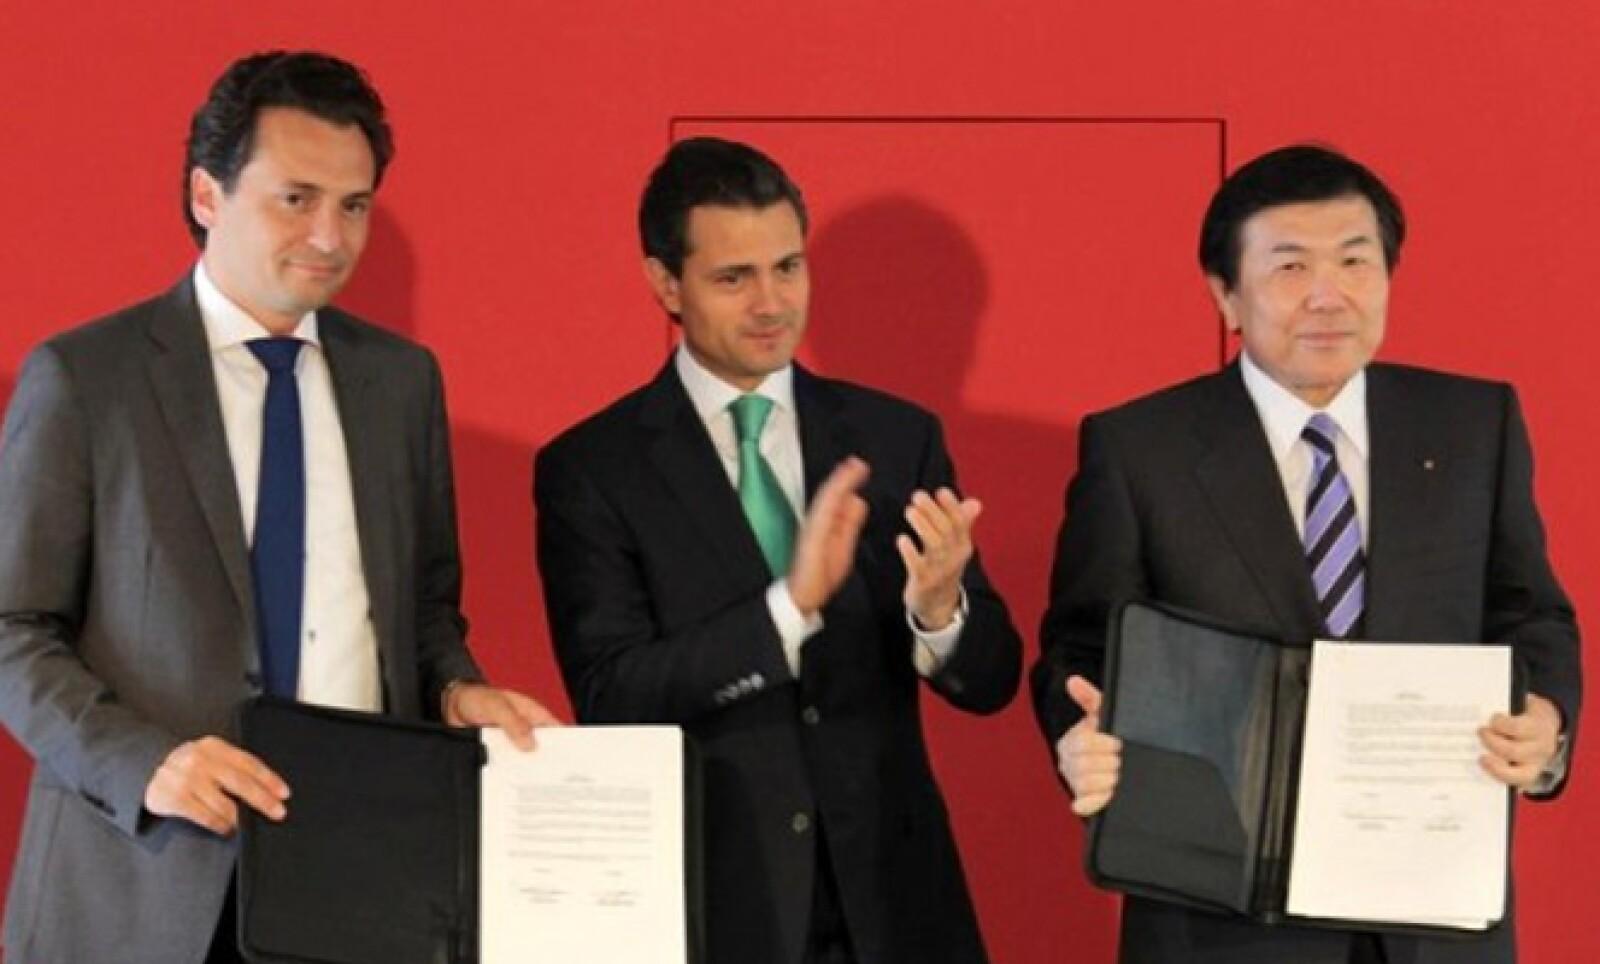 Unas de las actividades del exgobernador del Estado de México en este país asiático fue atestiguar la firma de un acuerdo de colaboración entre Pemex y la firma Mitsui.